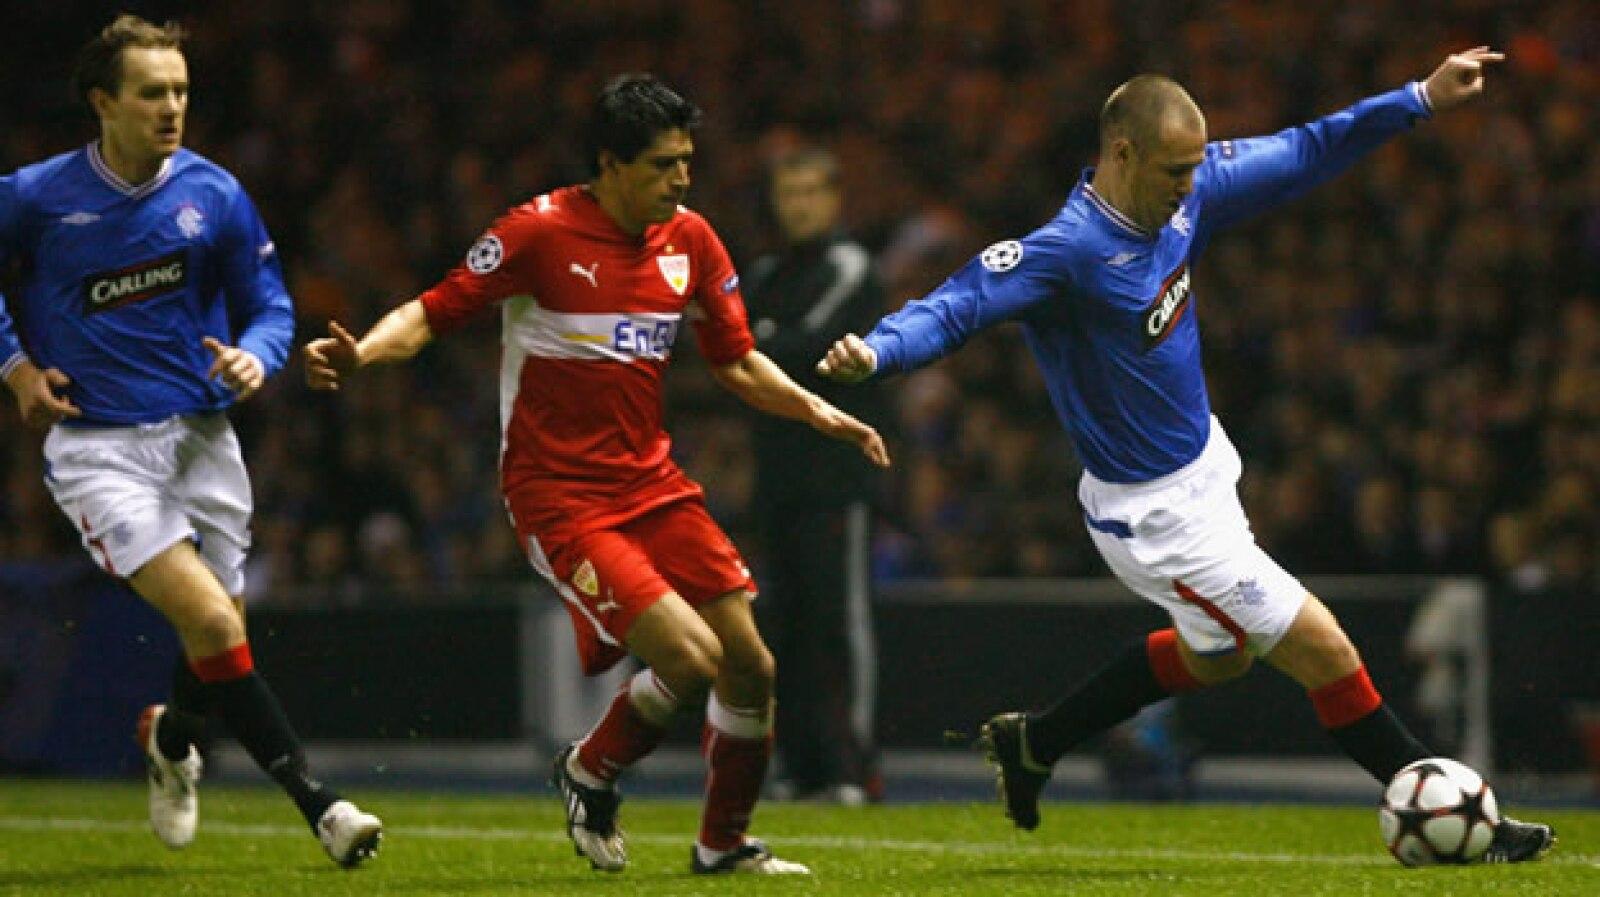 Ricardo Osorio, defensa del Sttutgart alemán, decidió apostar por Europa en 2006